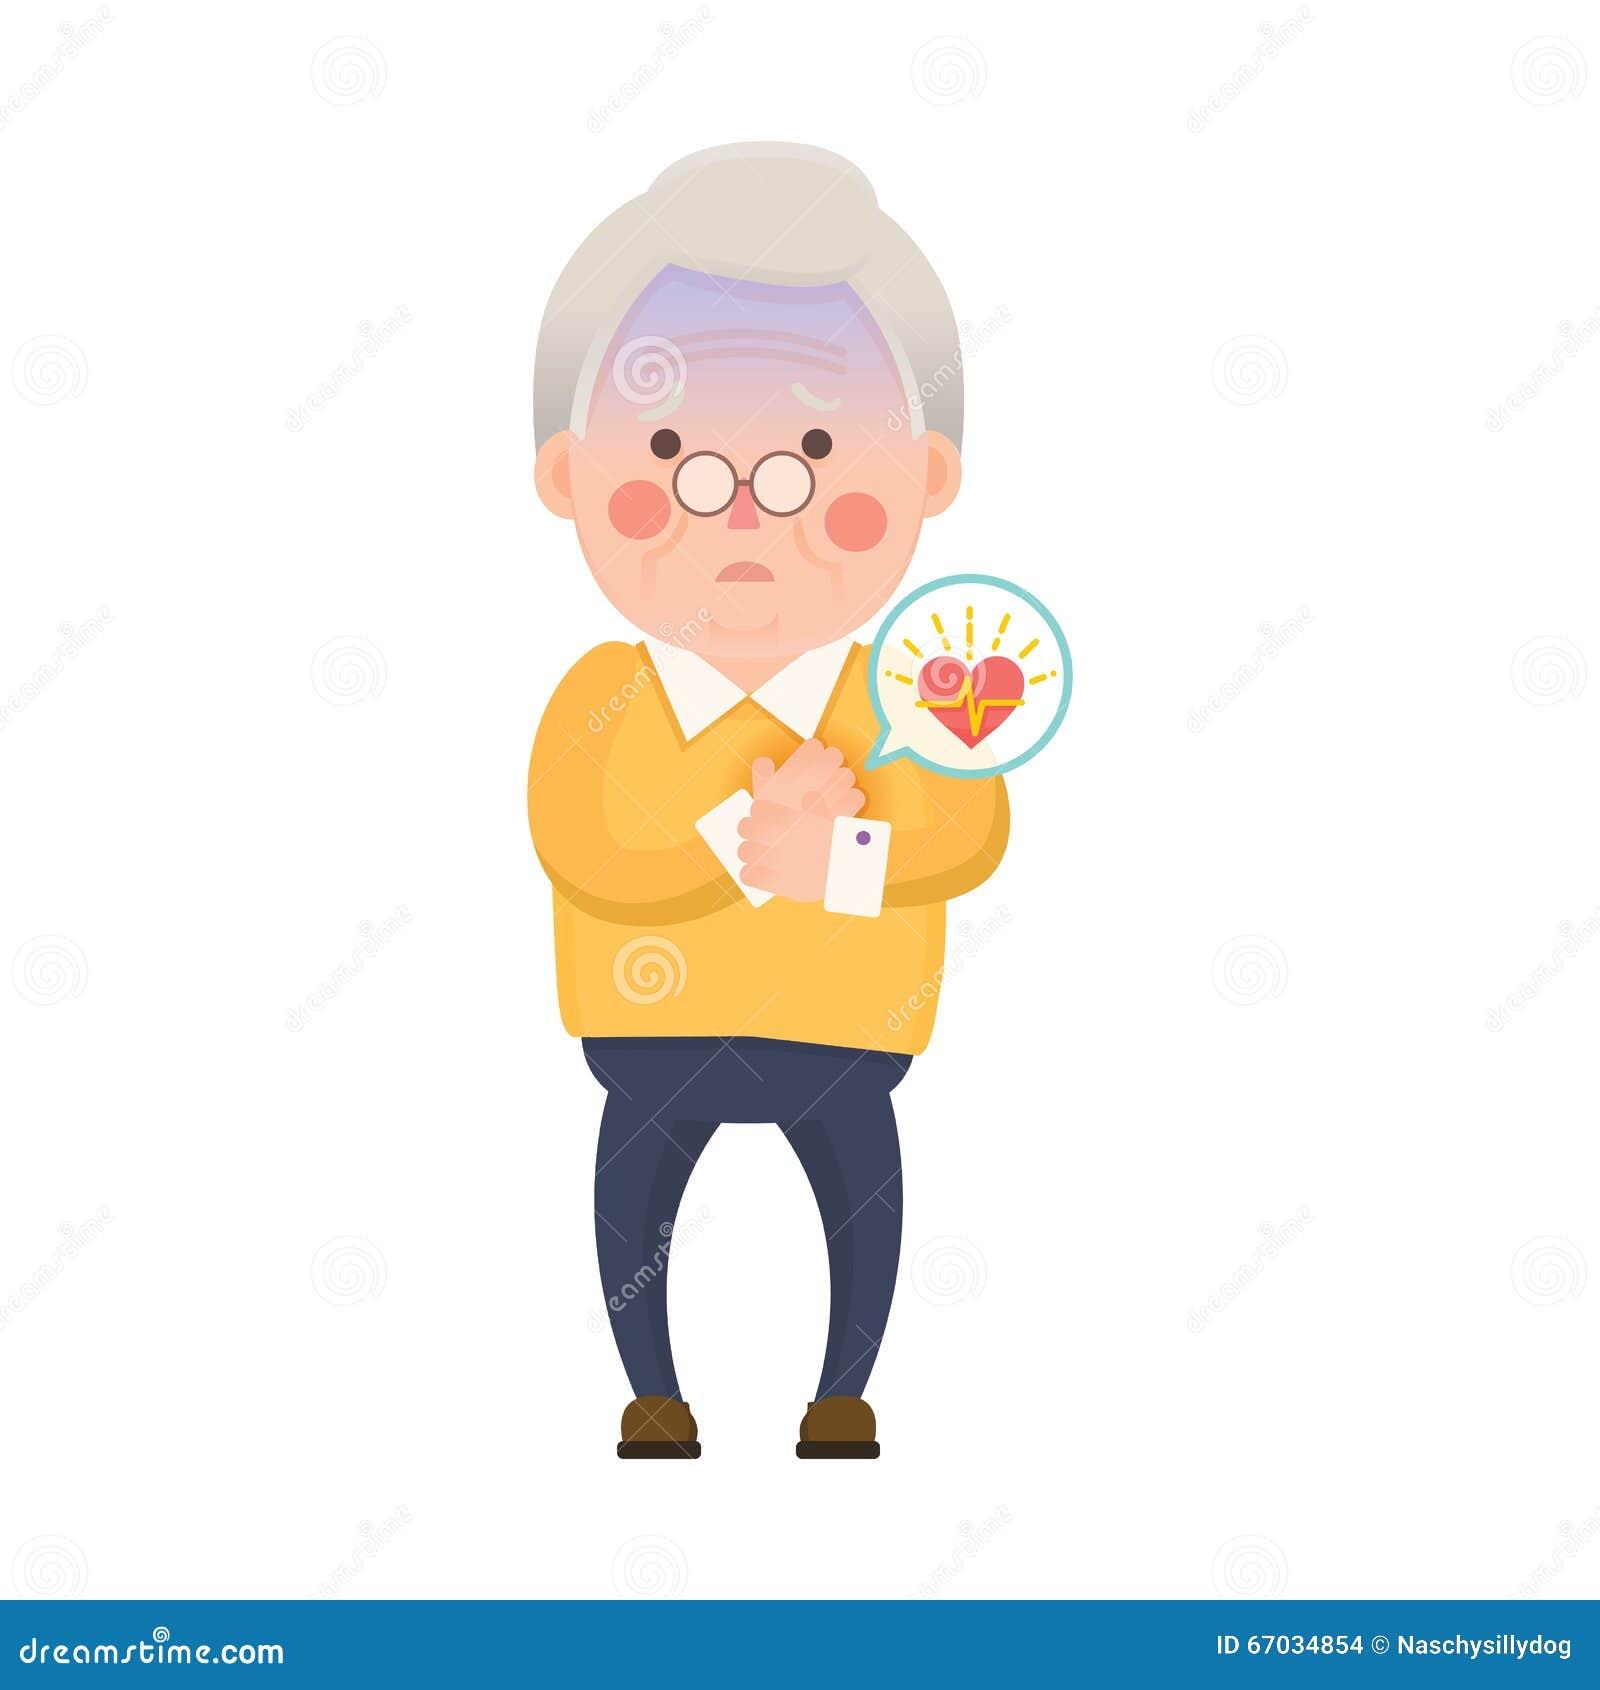 老人心脏病发作漫画人物图片